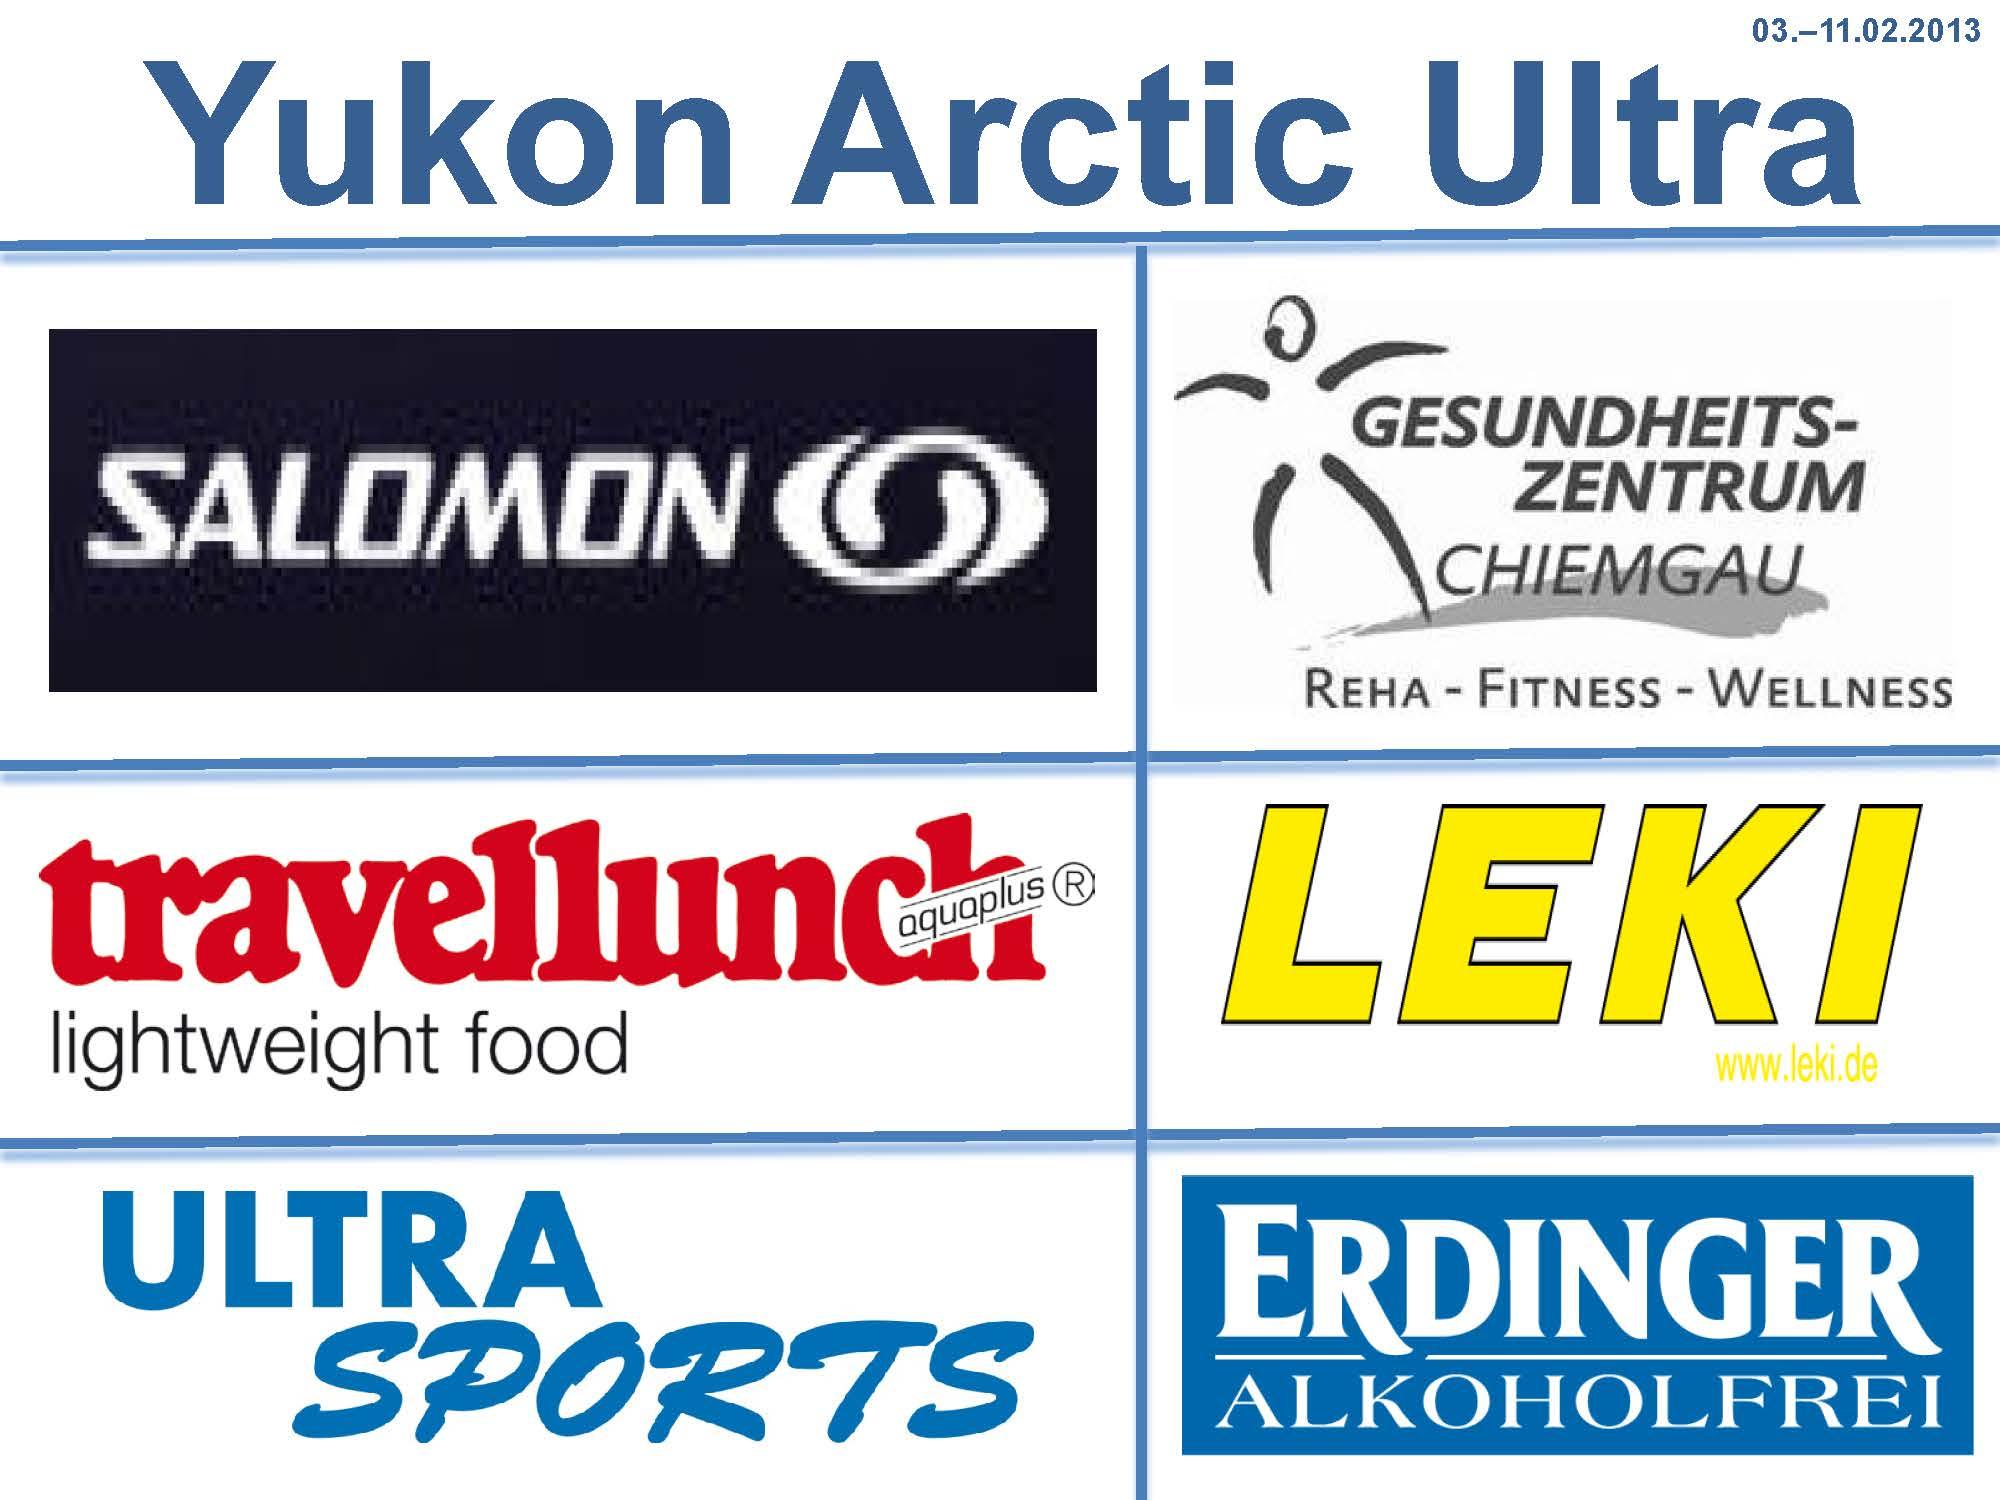 Logo Yukon Arctic Ultra